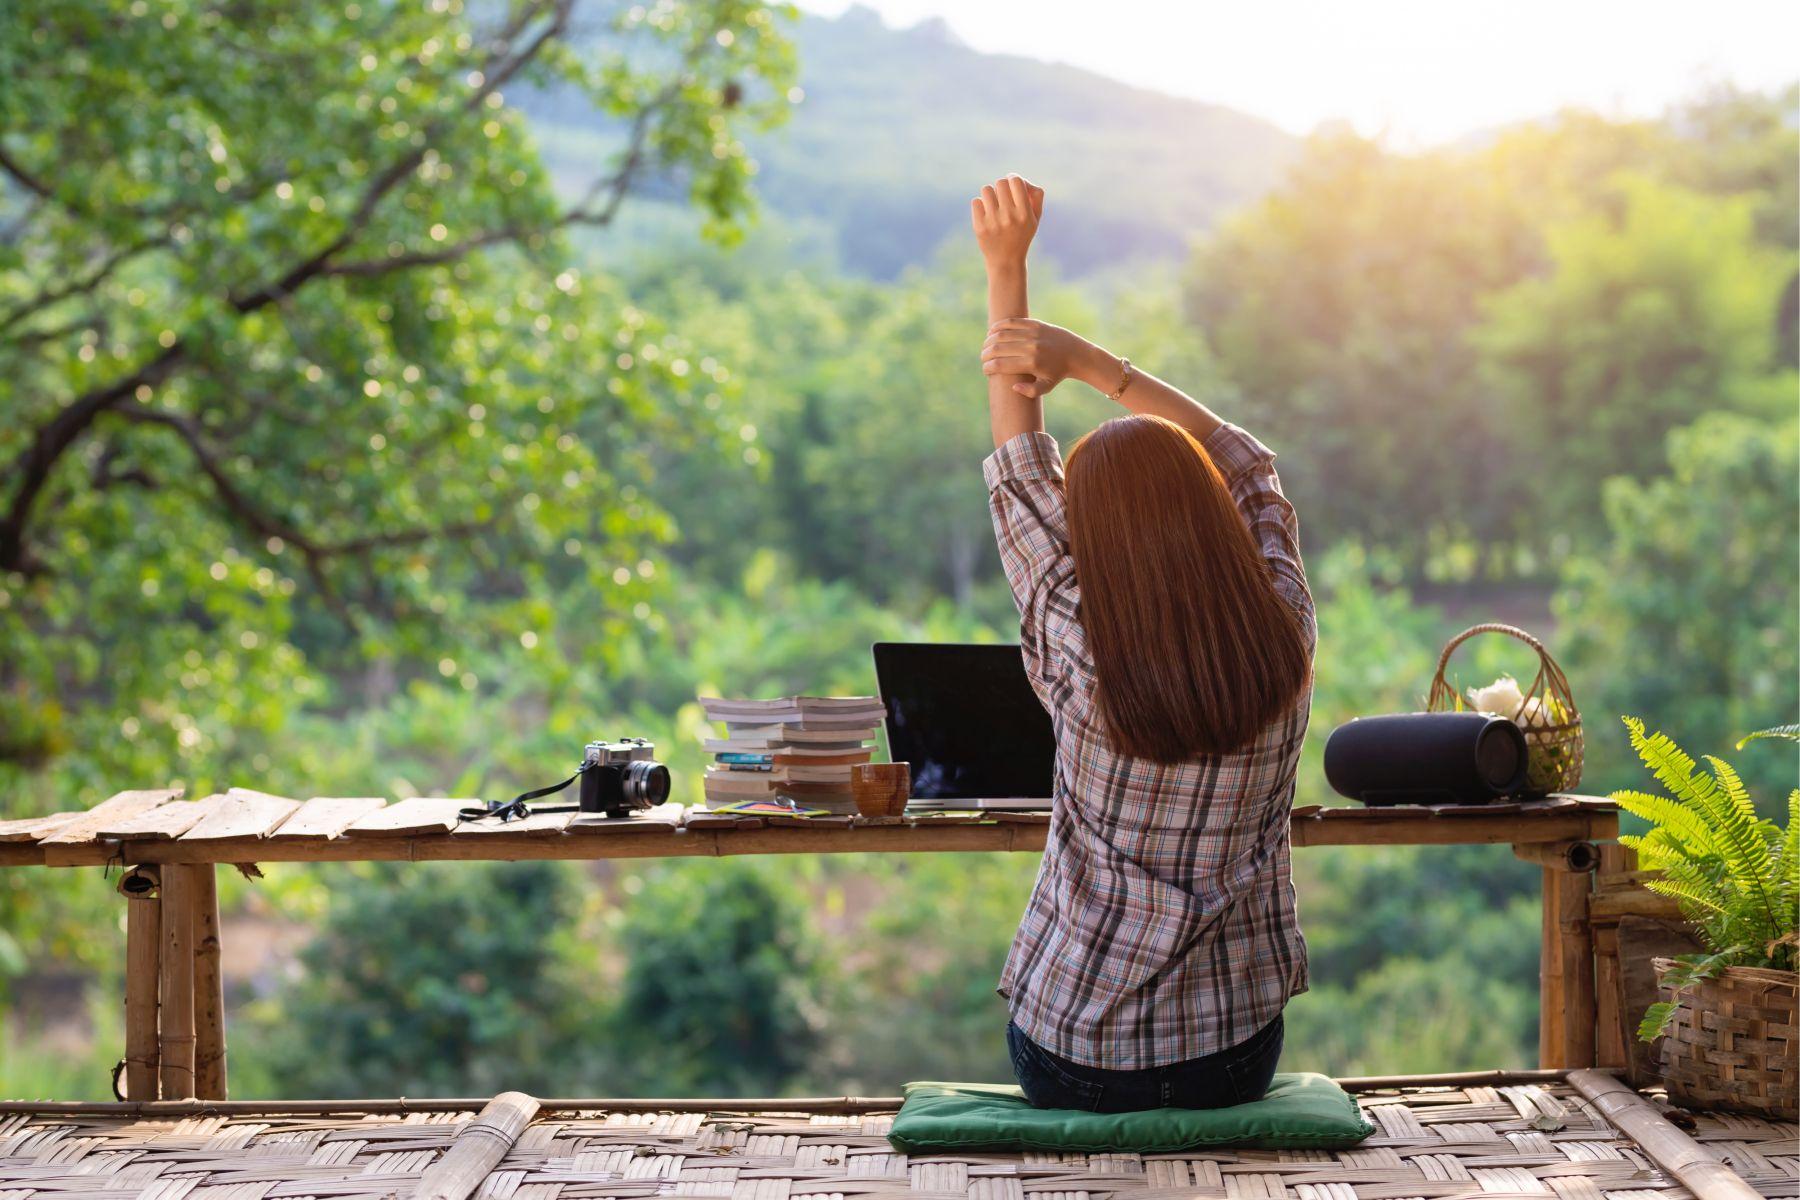 把每天都當作「生命的最後一天」!向卡內基學快樂生活:就讓我們掌握今天,活在當下